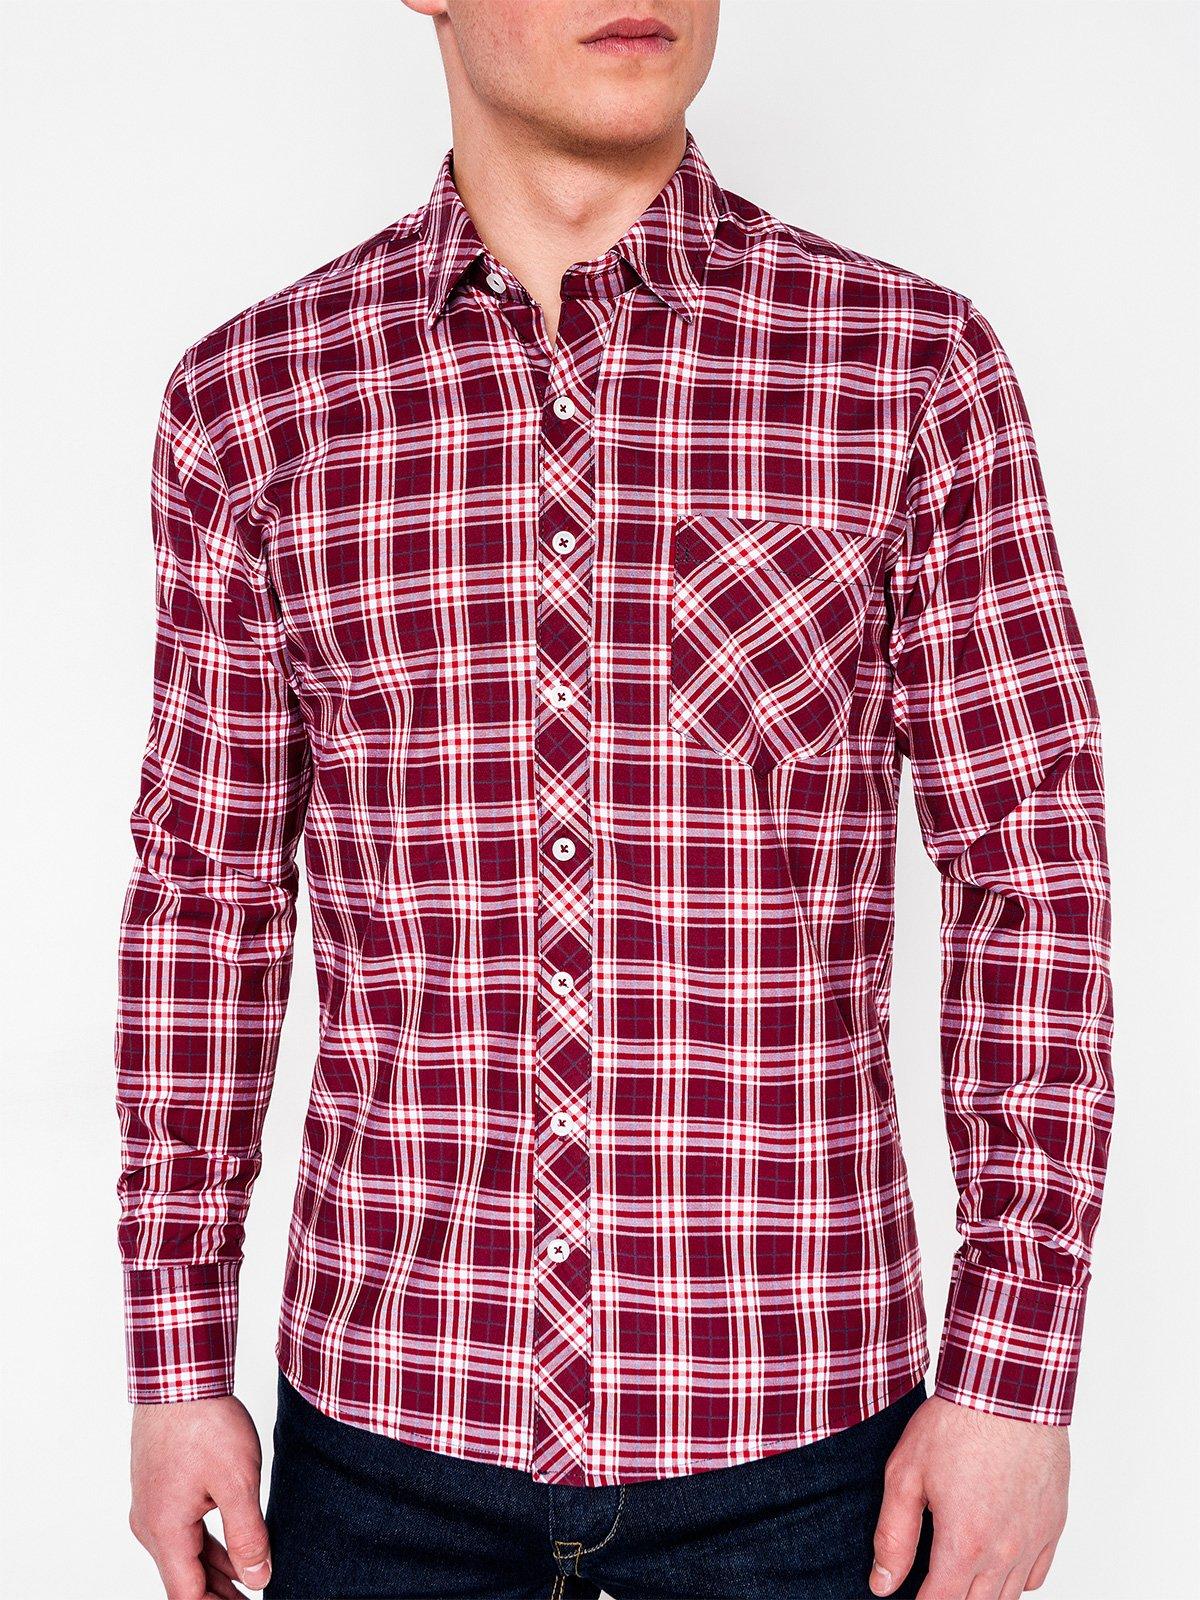 c6f5556fcd7 ... Мужская рубашка в клеточку с длинным рукавом K419 - бордовая ...